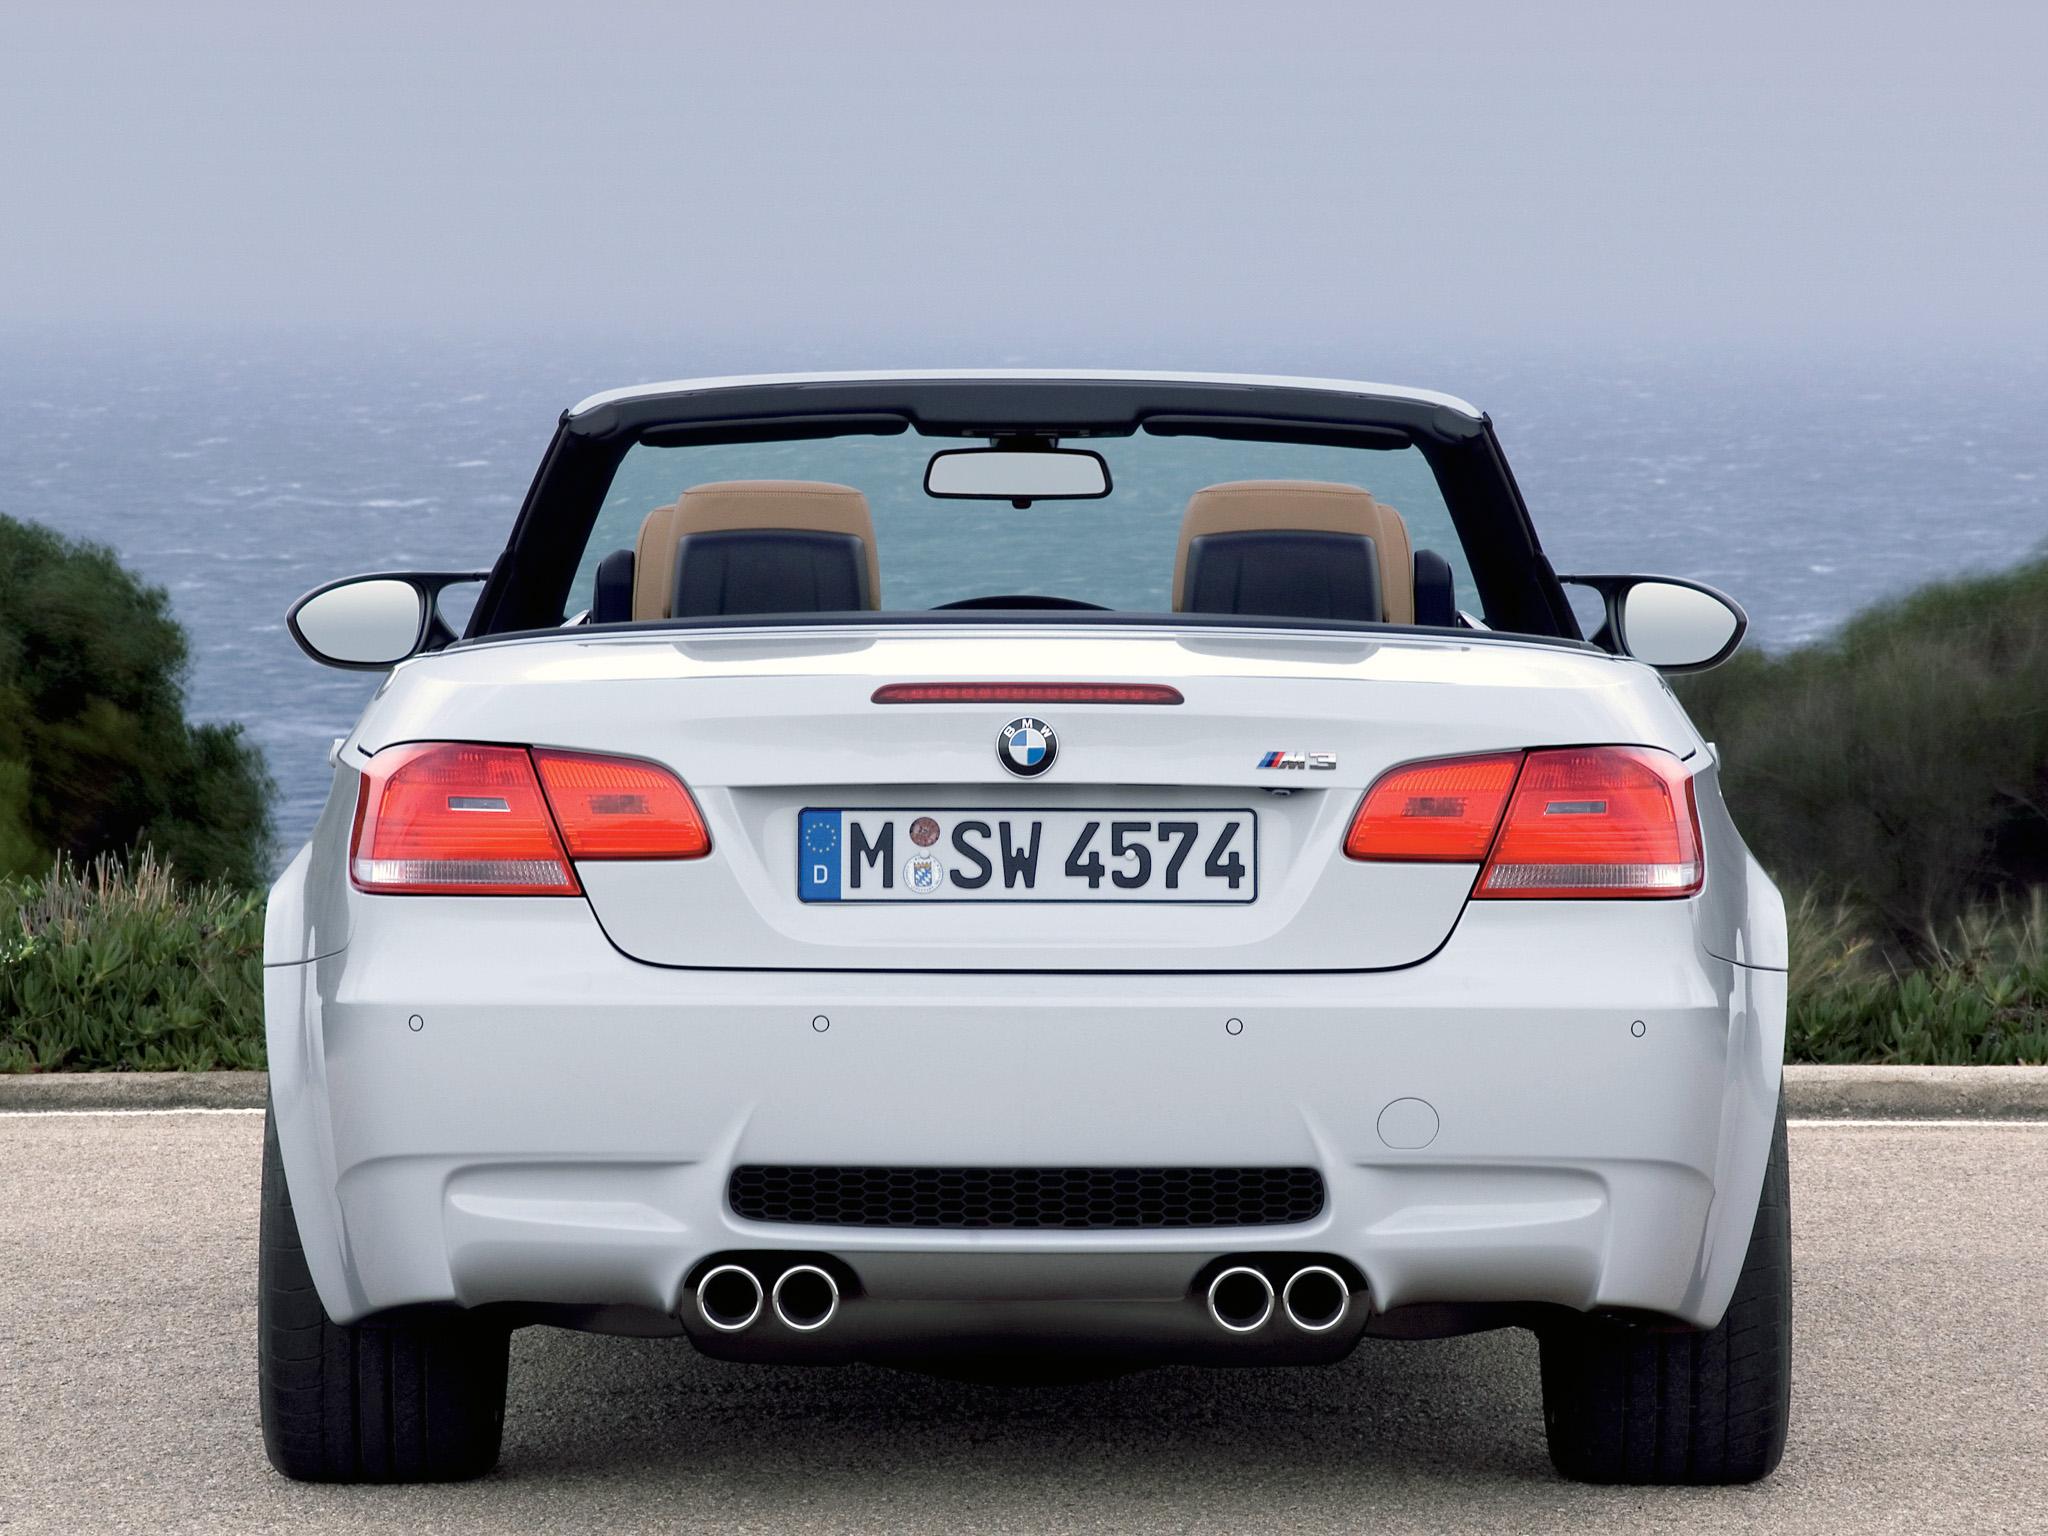 BMW M3 (2008) Cabriolet